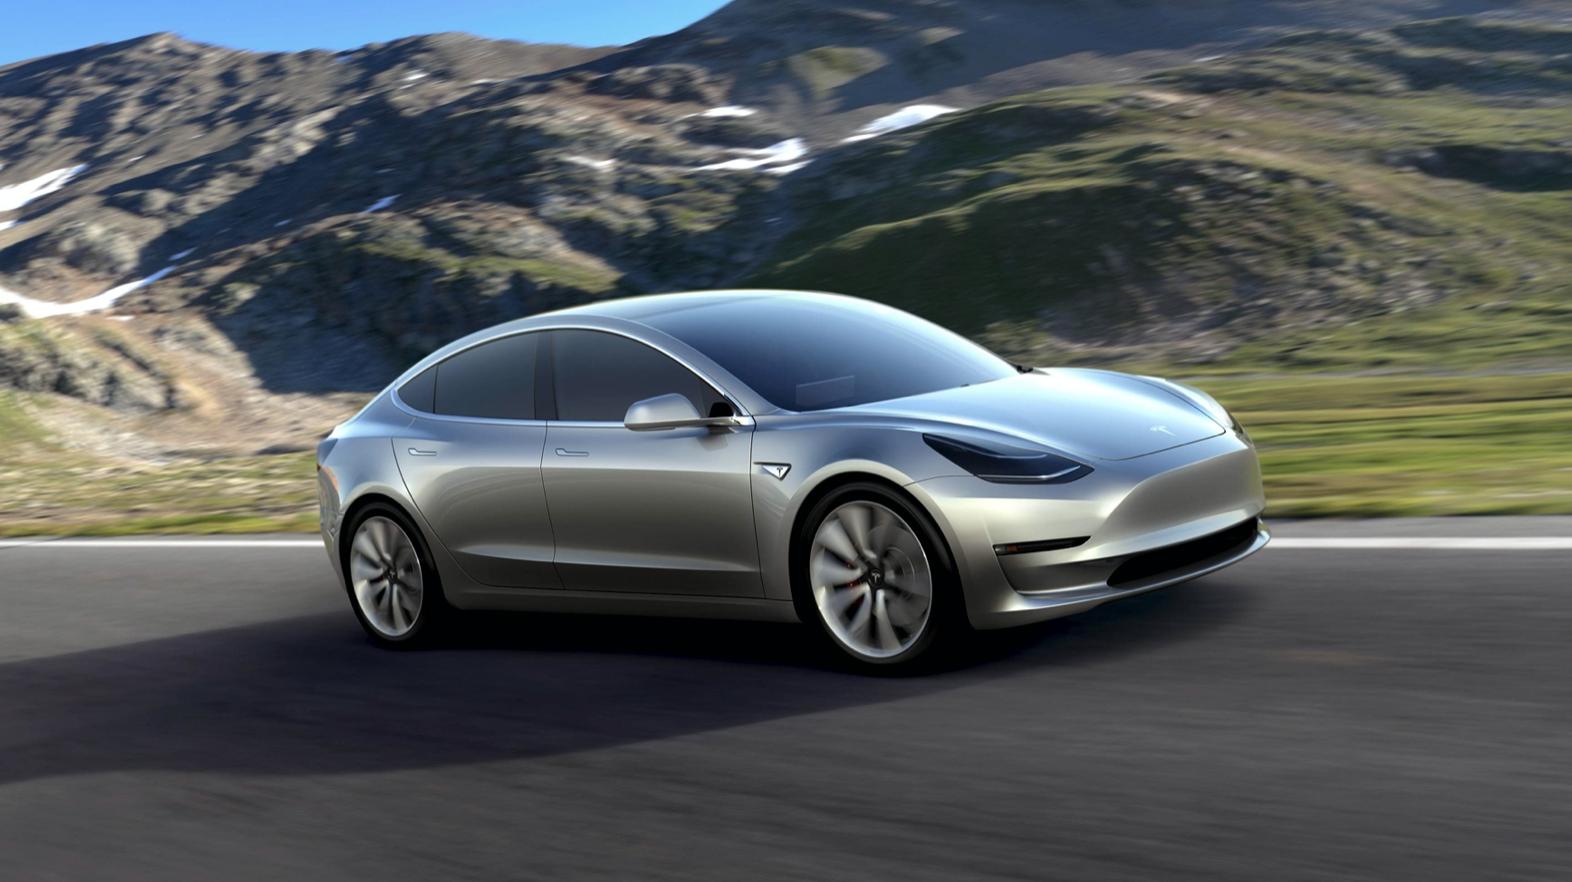 特斯拉已主导瑞士电动汽车市场